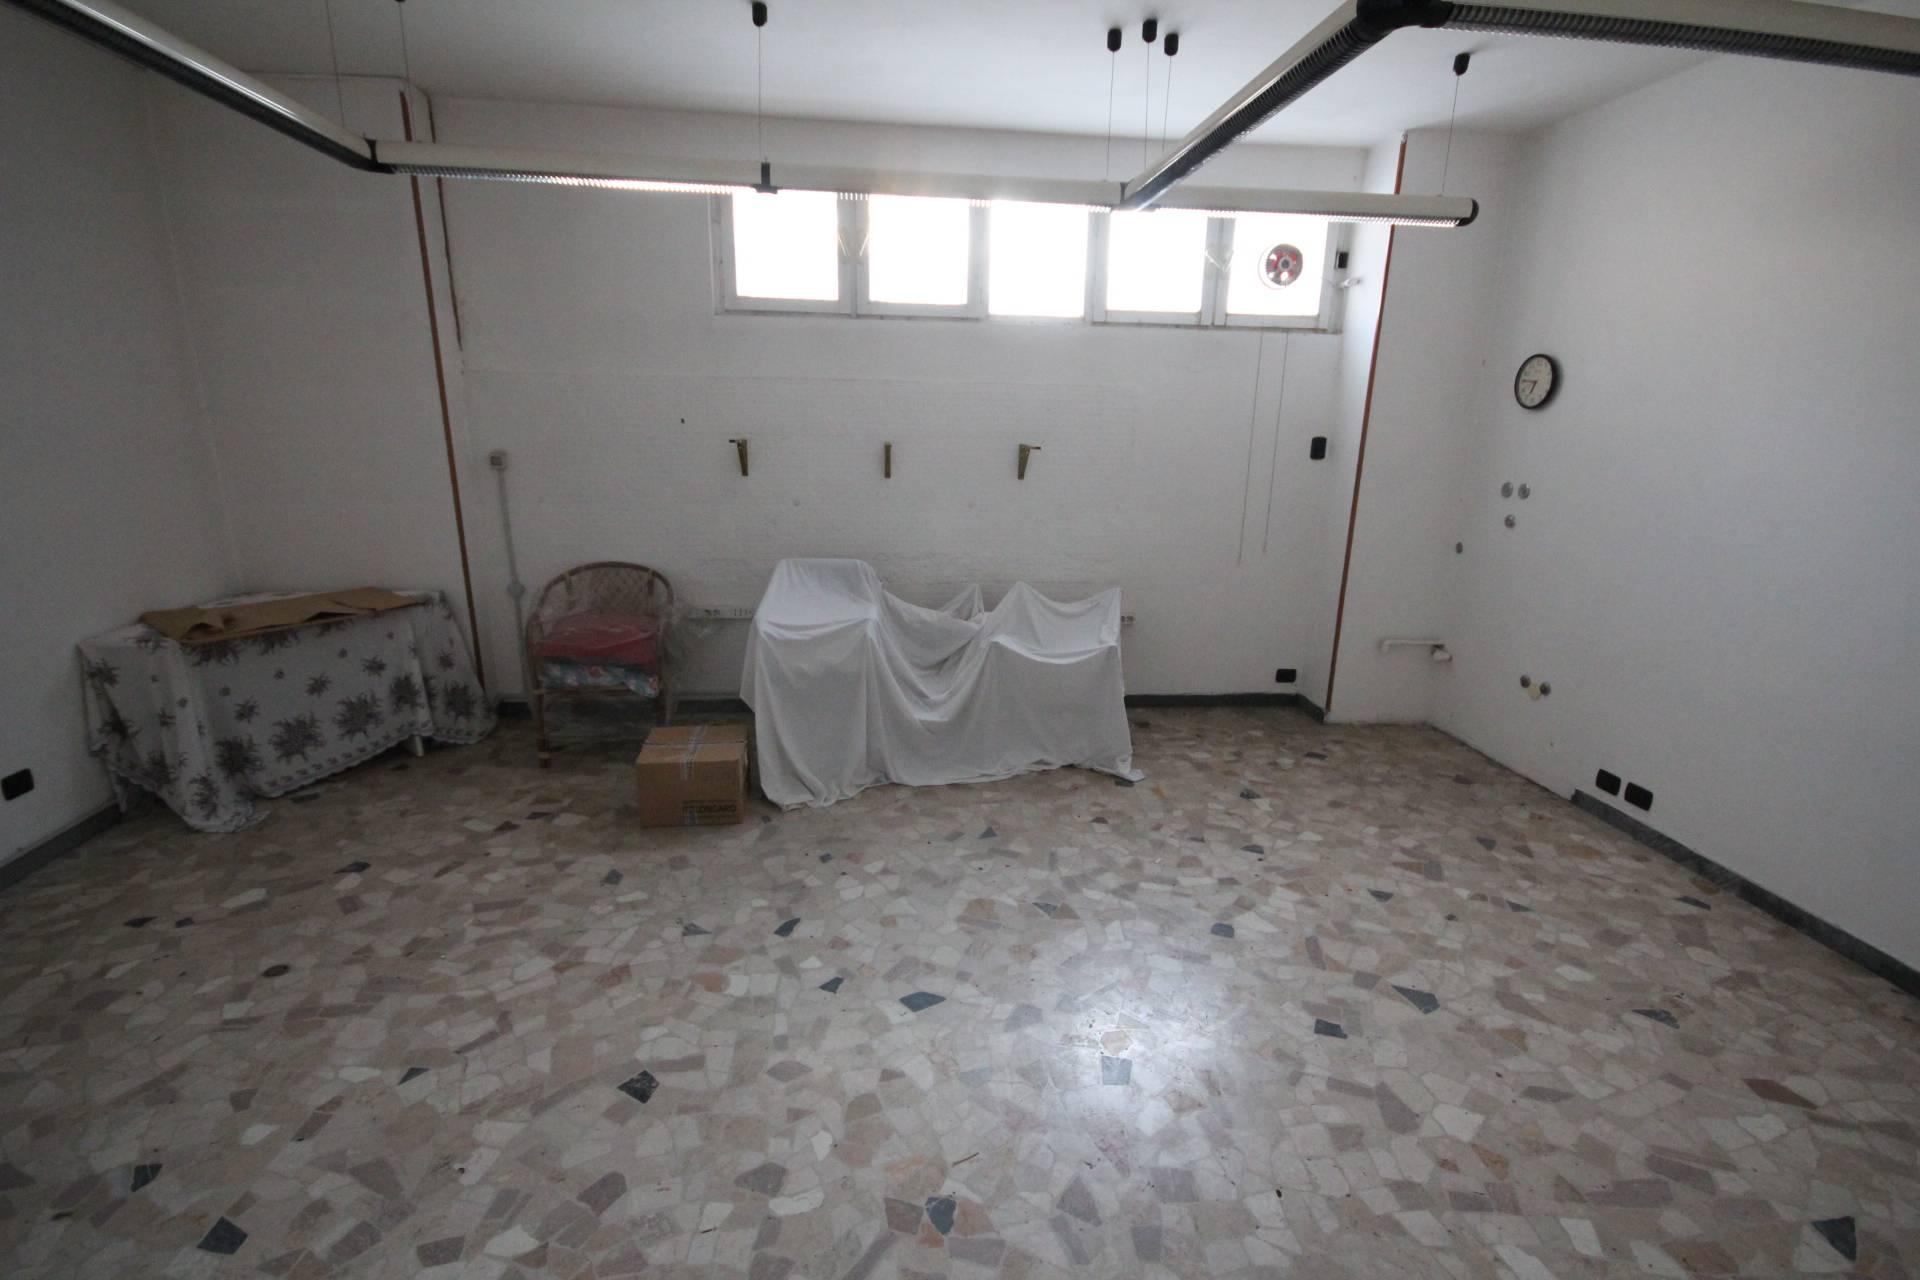 Ufficio / Studio in vendita a Verbania, 9999 locali, zona Località: Intracentro, prezzo € 35.000 | CambioCasa.it